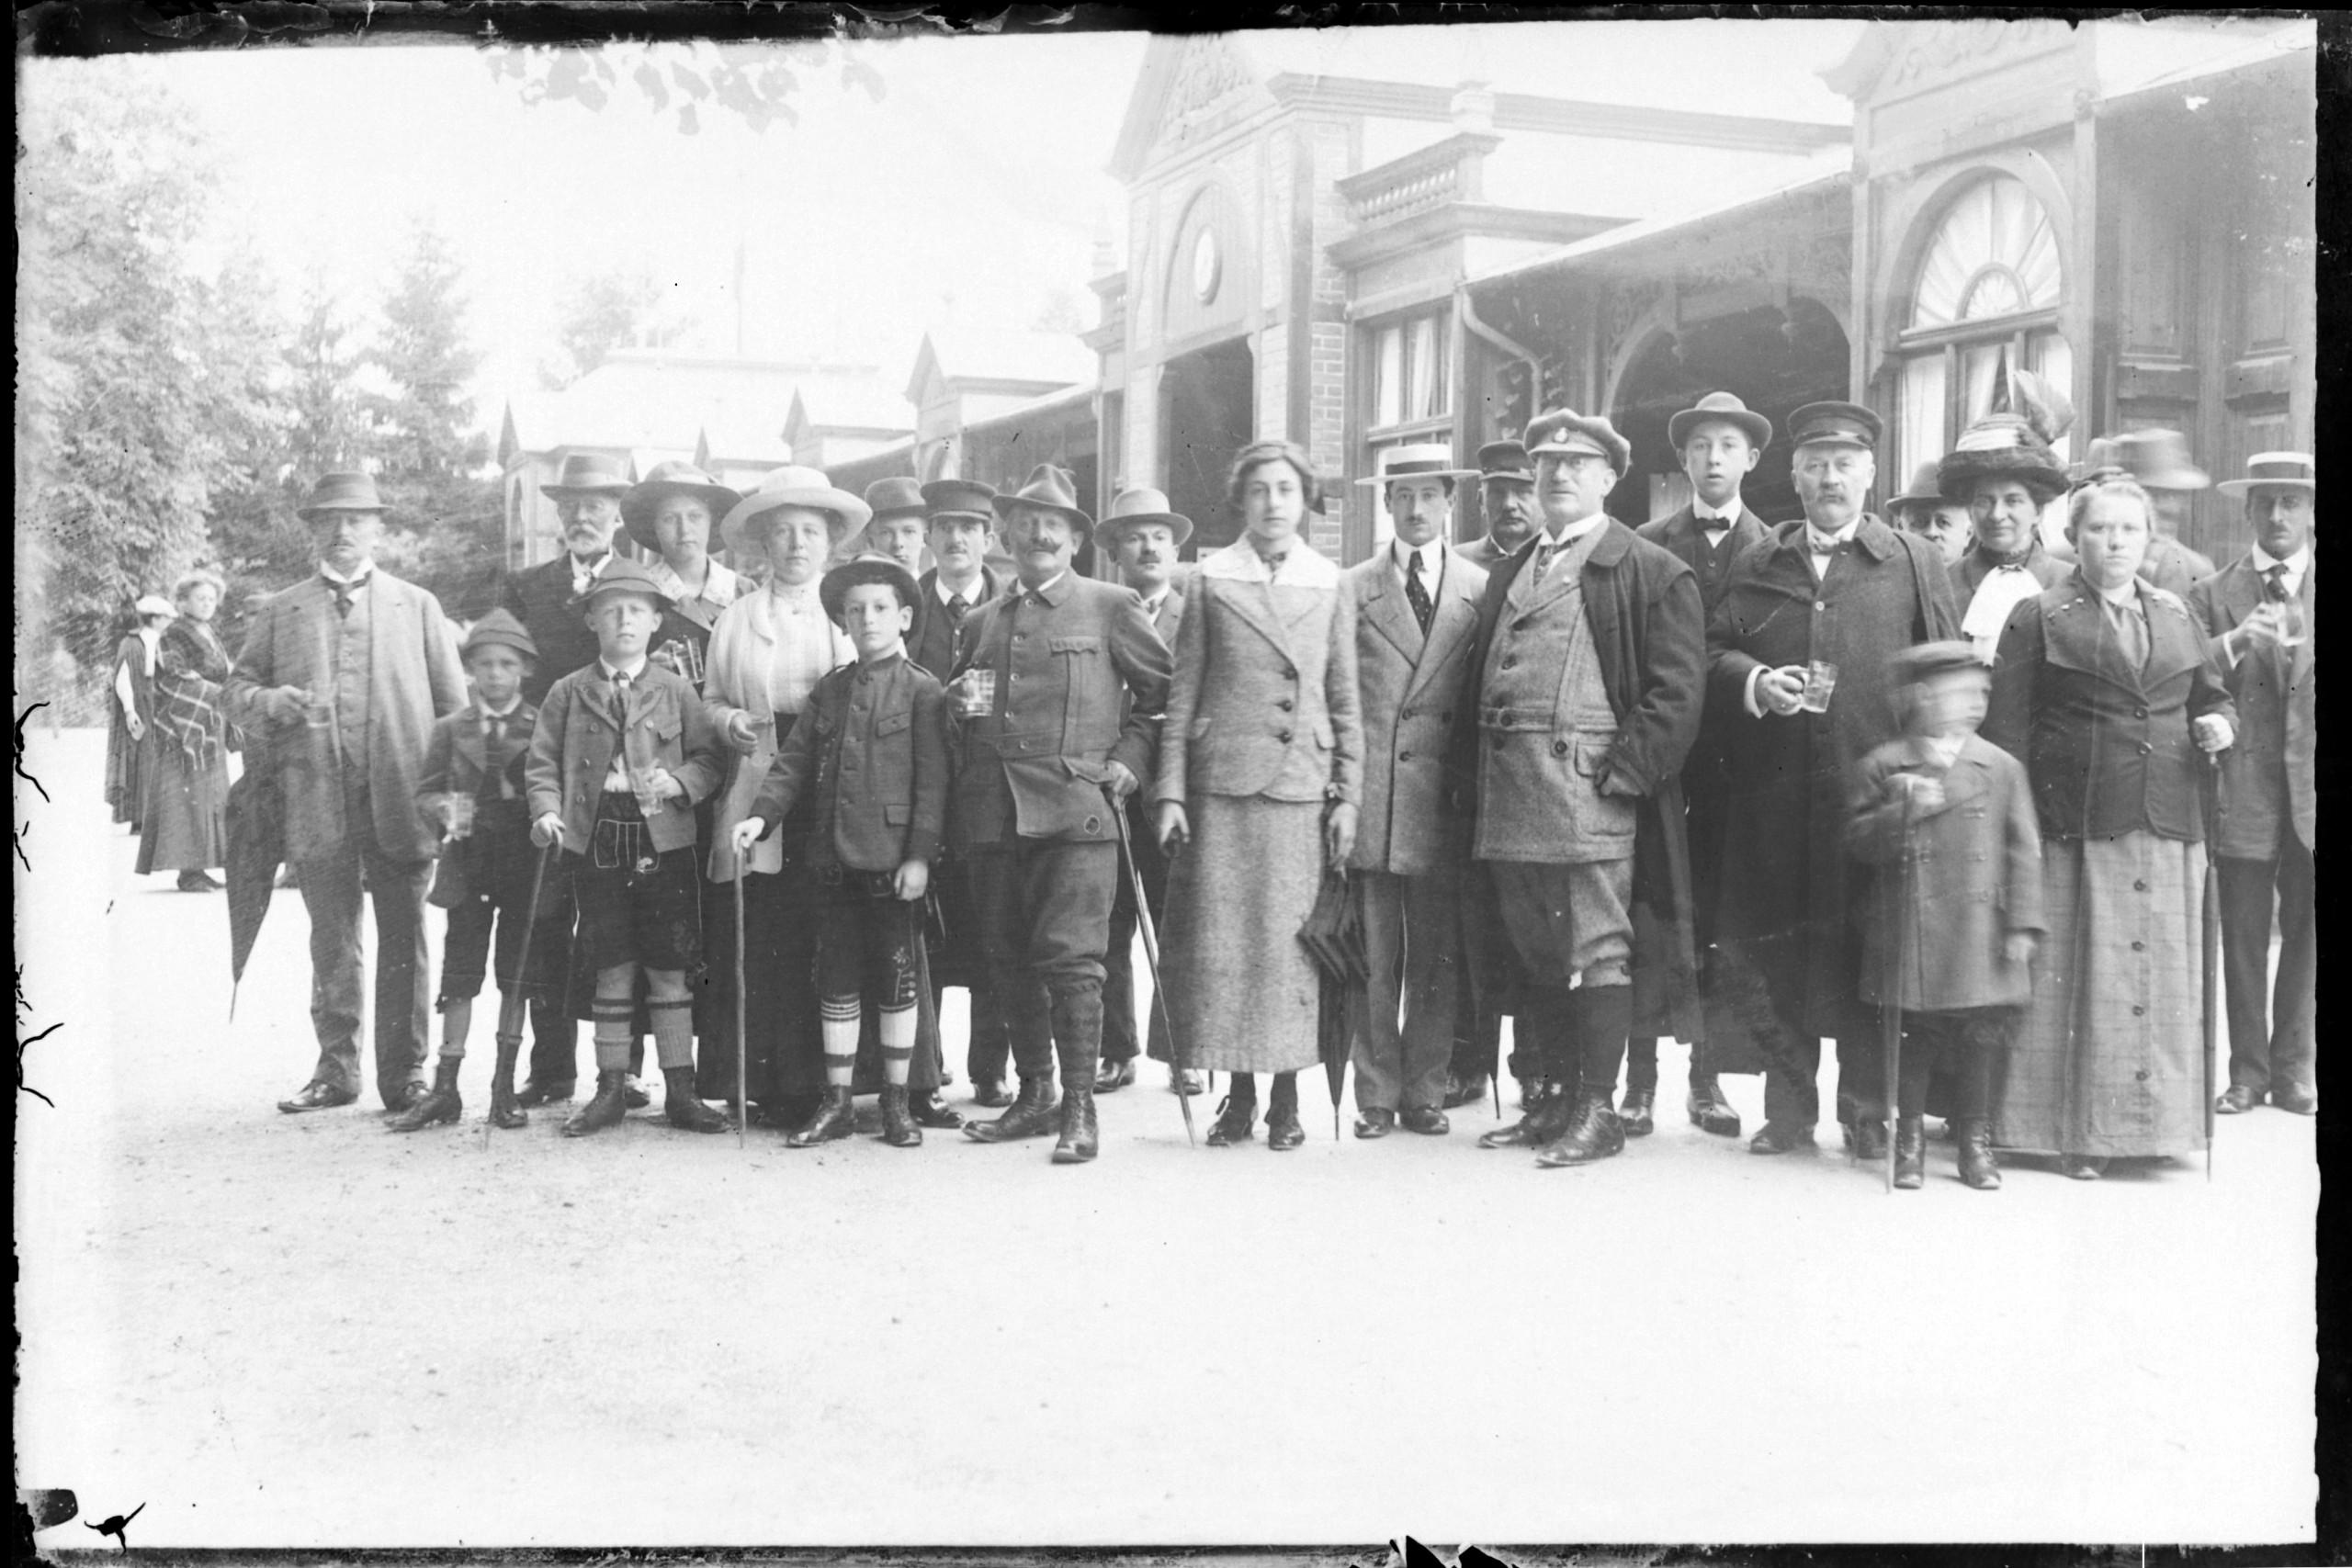 Kurgäste vor der alten, hölzernen Wandelbahn (um 1925, Marey)